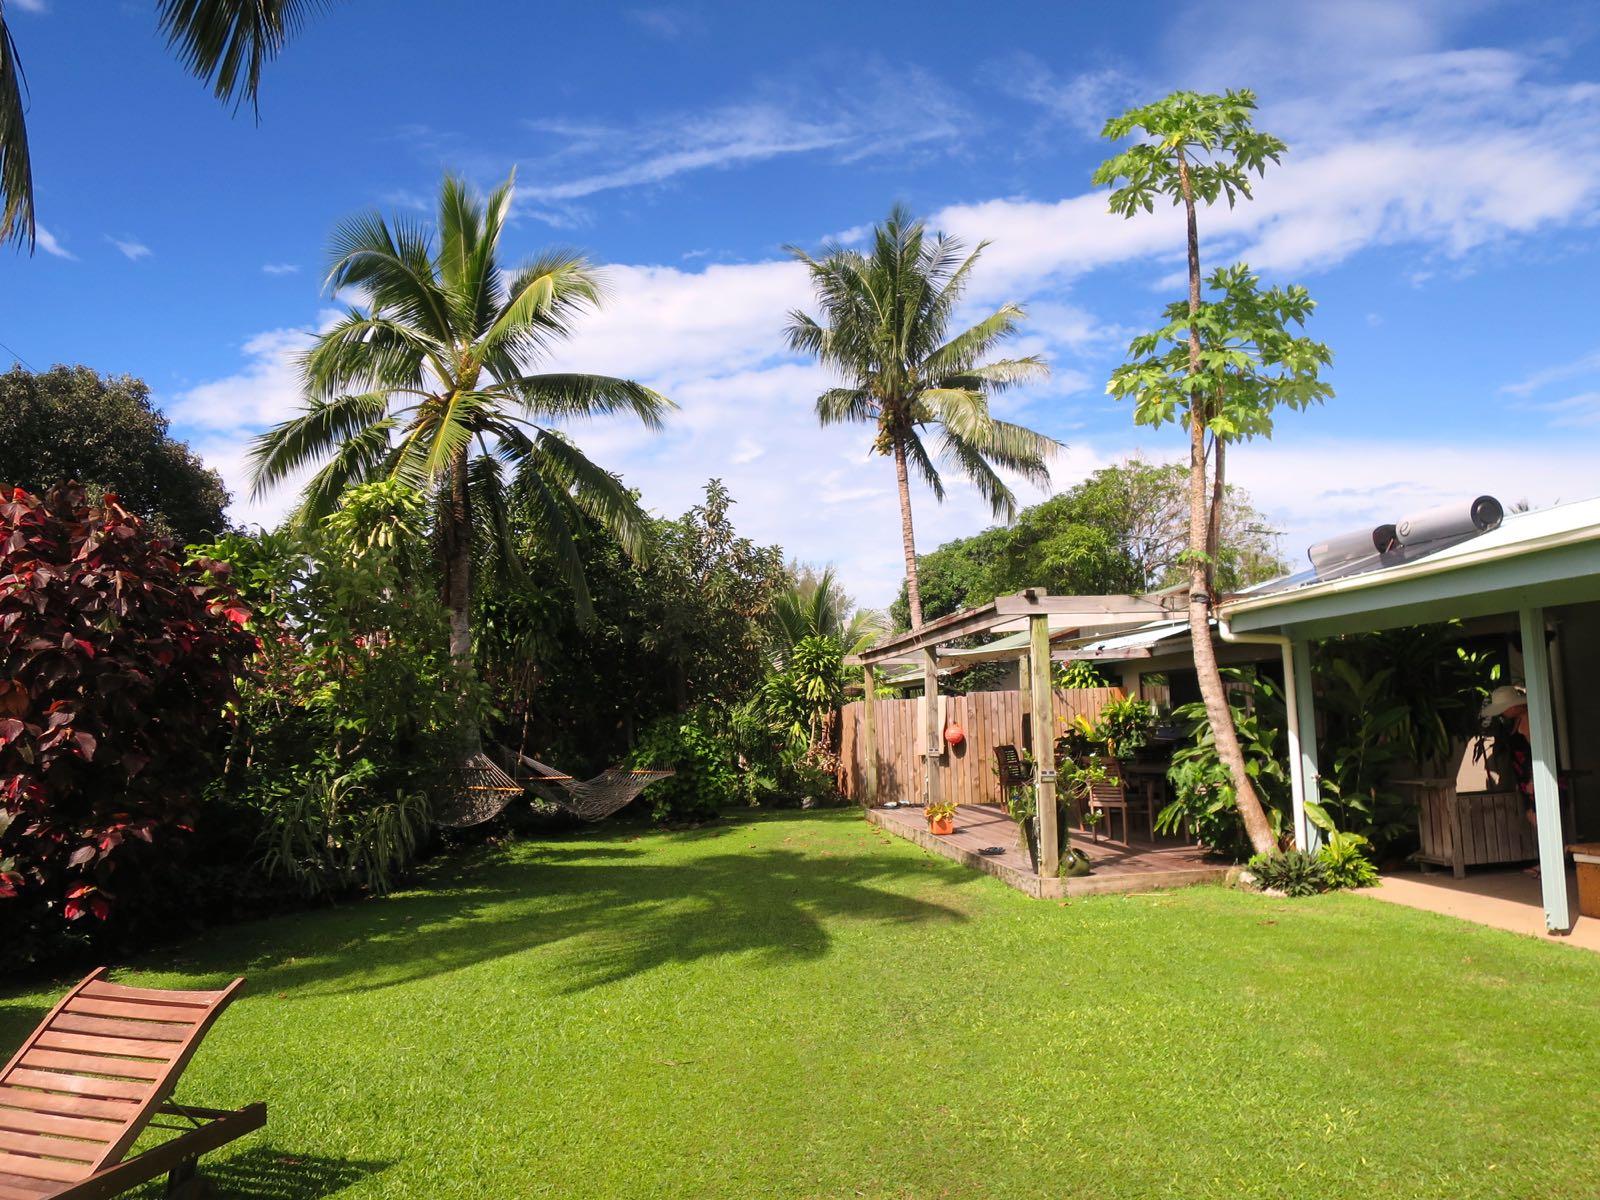 Aremango Guesthousen pihaa. Loistava majatalo olikin!